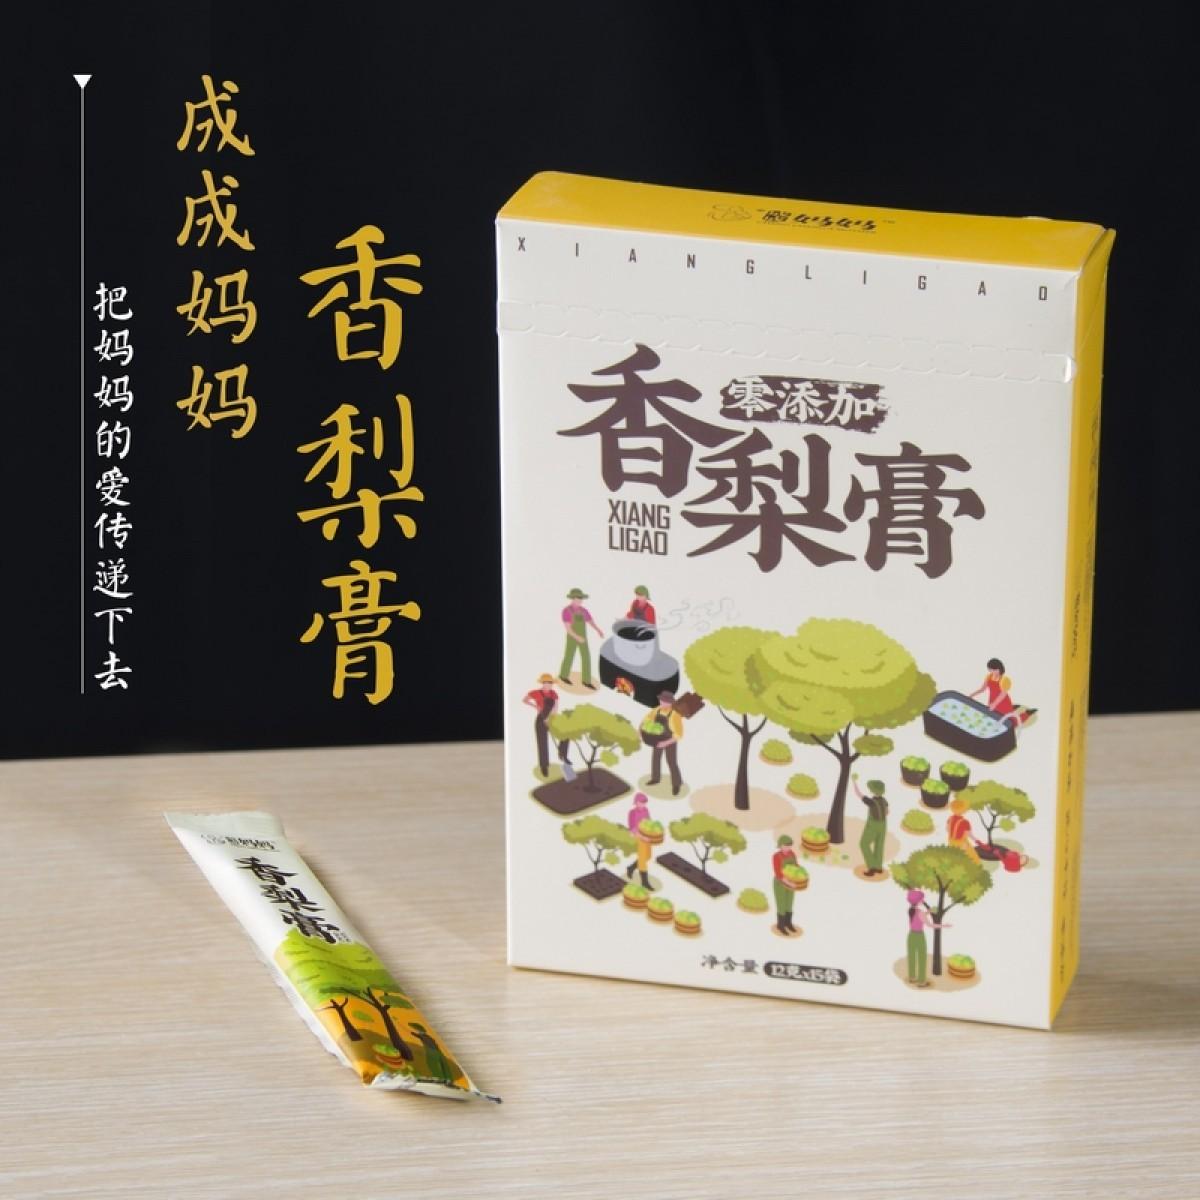 【库尔勒仓】成成妈妈香梨膏便携装 便携式独立小包装 12g*15袋/盒 包邮